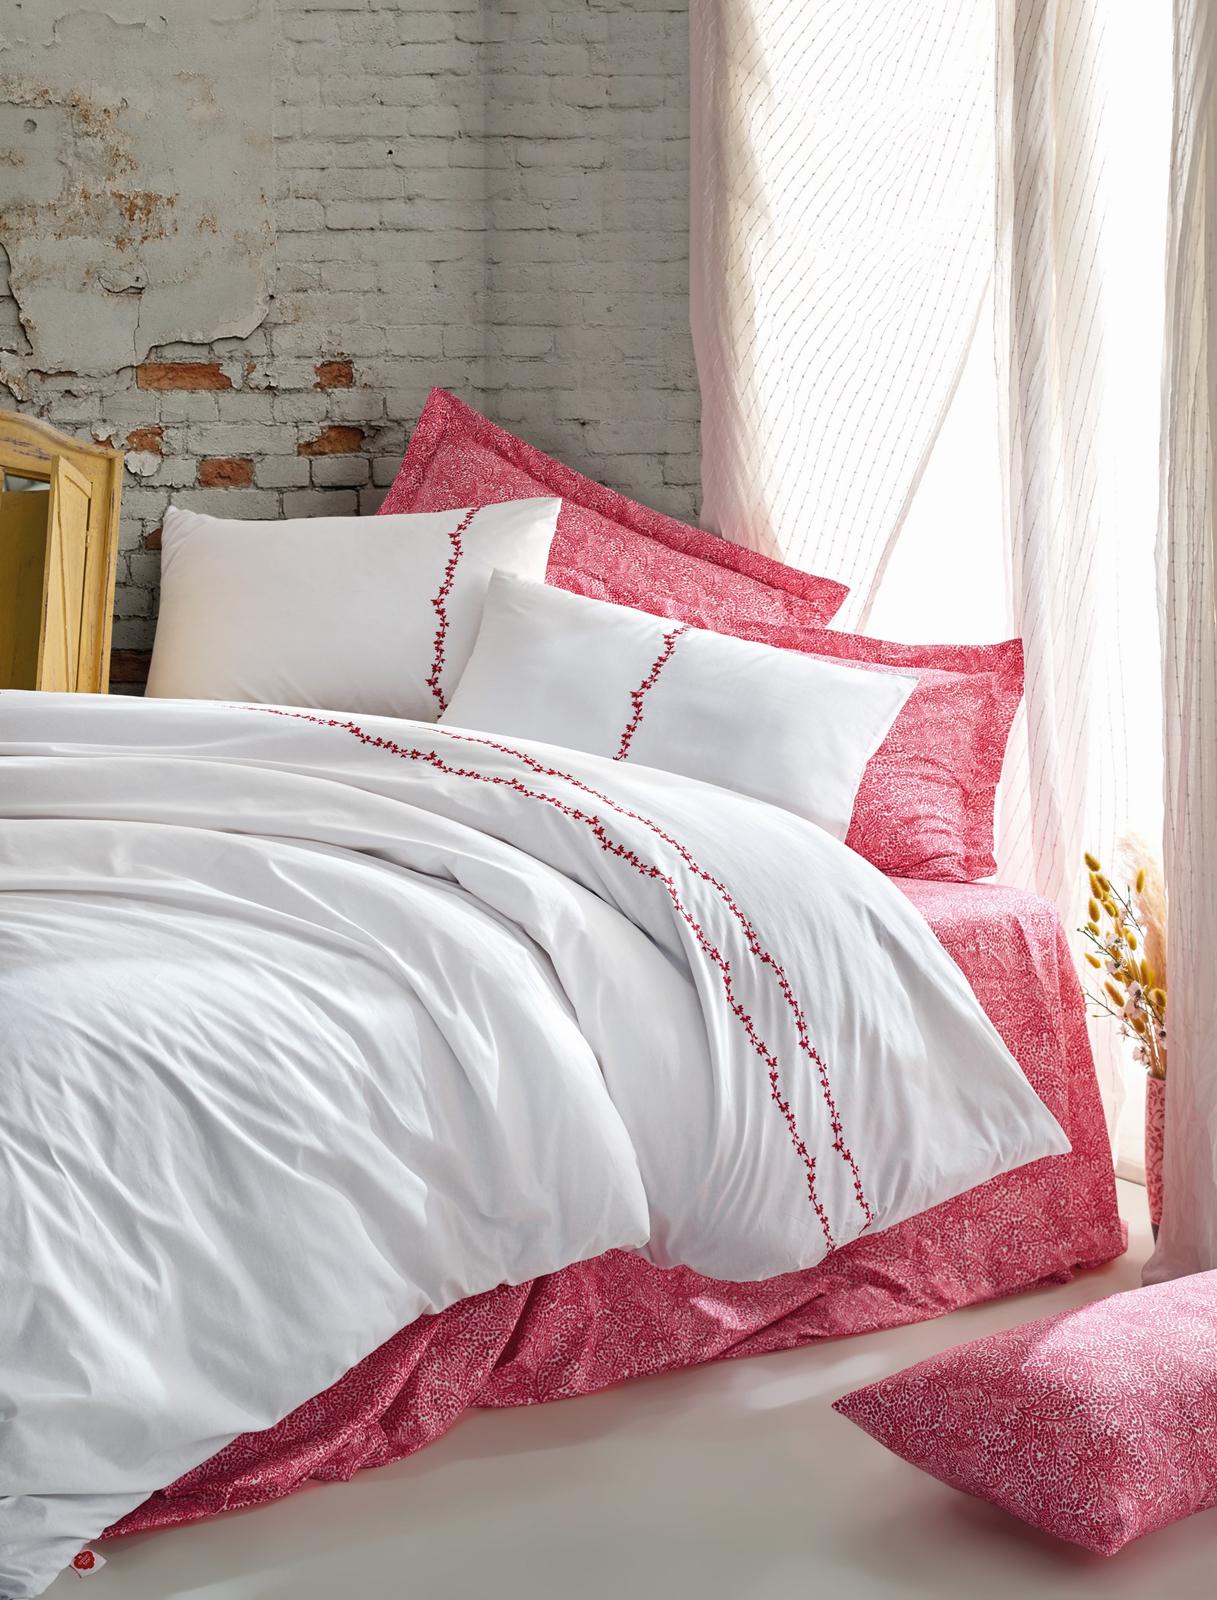 Комплект постельного белья Cotton Box серия Majestic, модель Coco евро, ранфорс